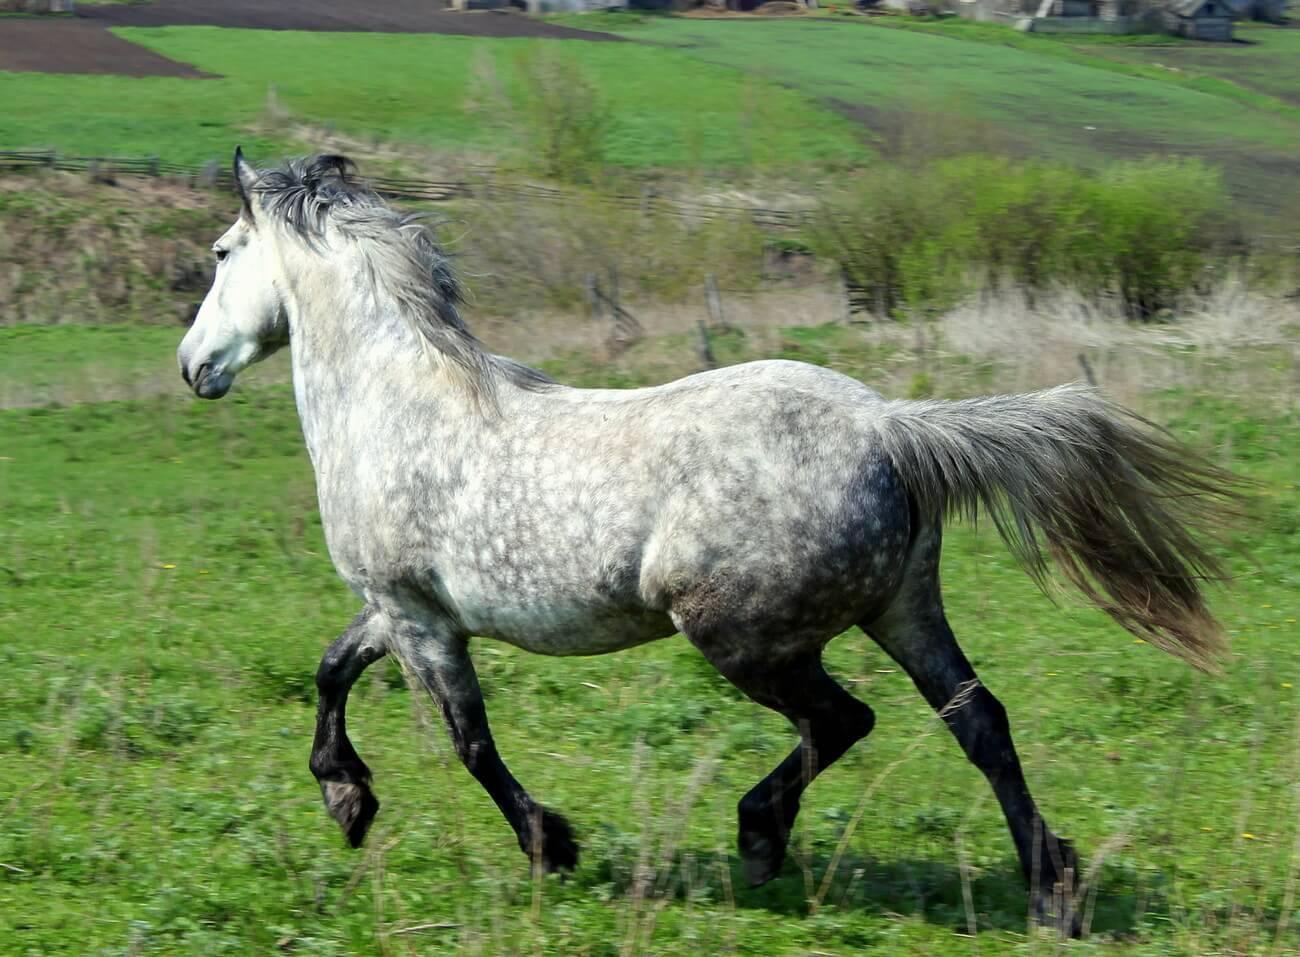 Порода лошадей Орловский рысак, их историческое появление, характерные особенности